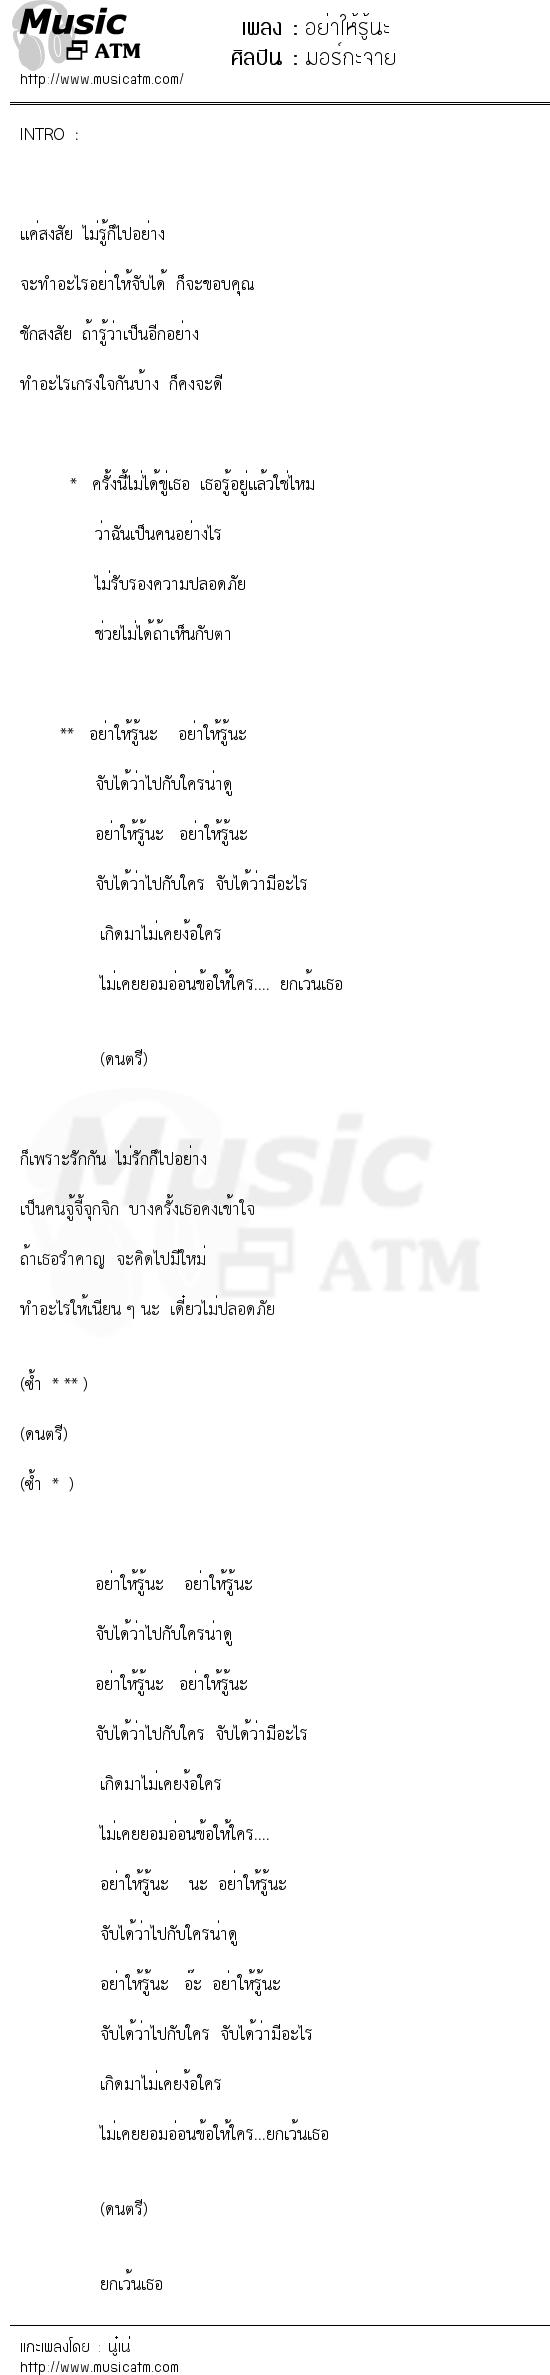 เนื้อเพลง อย่าให้รู้นะ - มอร์กะจาย | Popasia.net | เพลงไทย